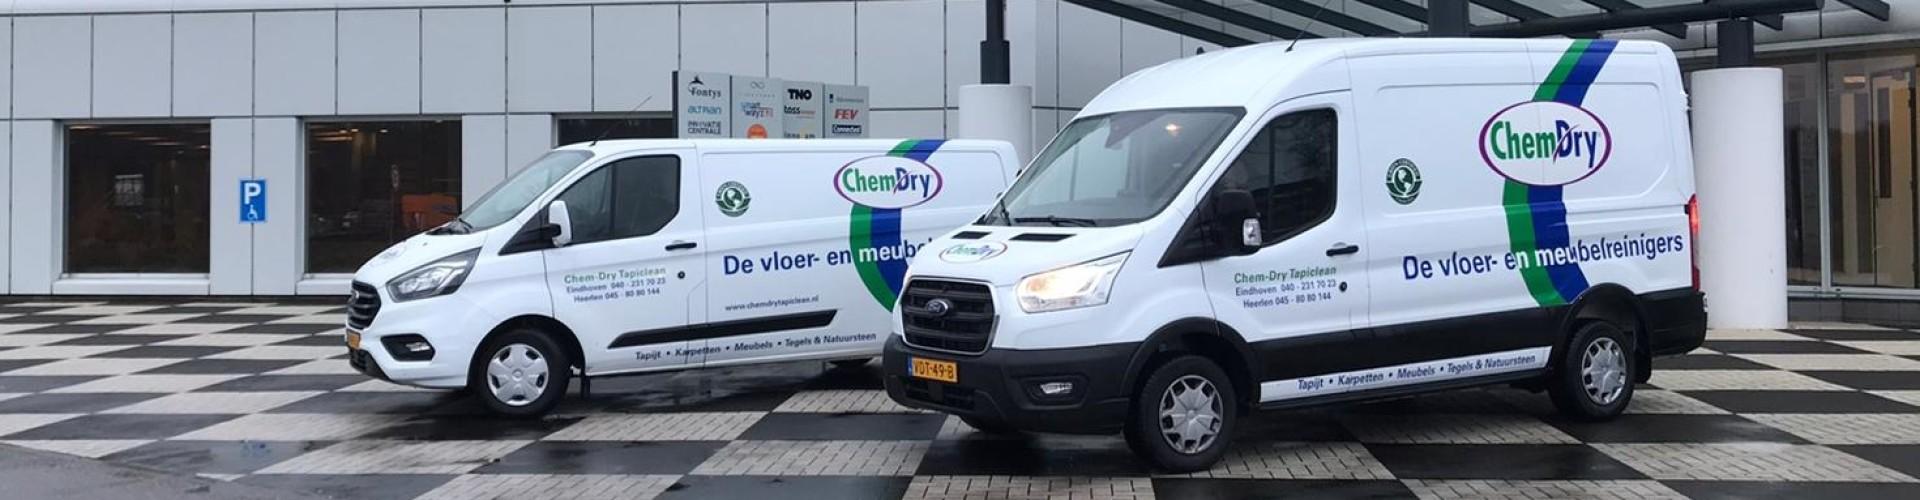 Schoonmaakbedrijf voor specialistisch reiniging Eindhoven en Heerlen